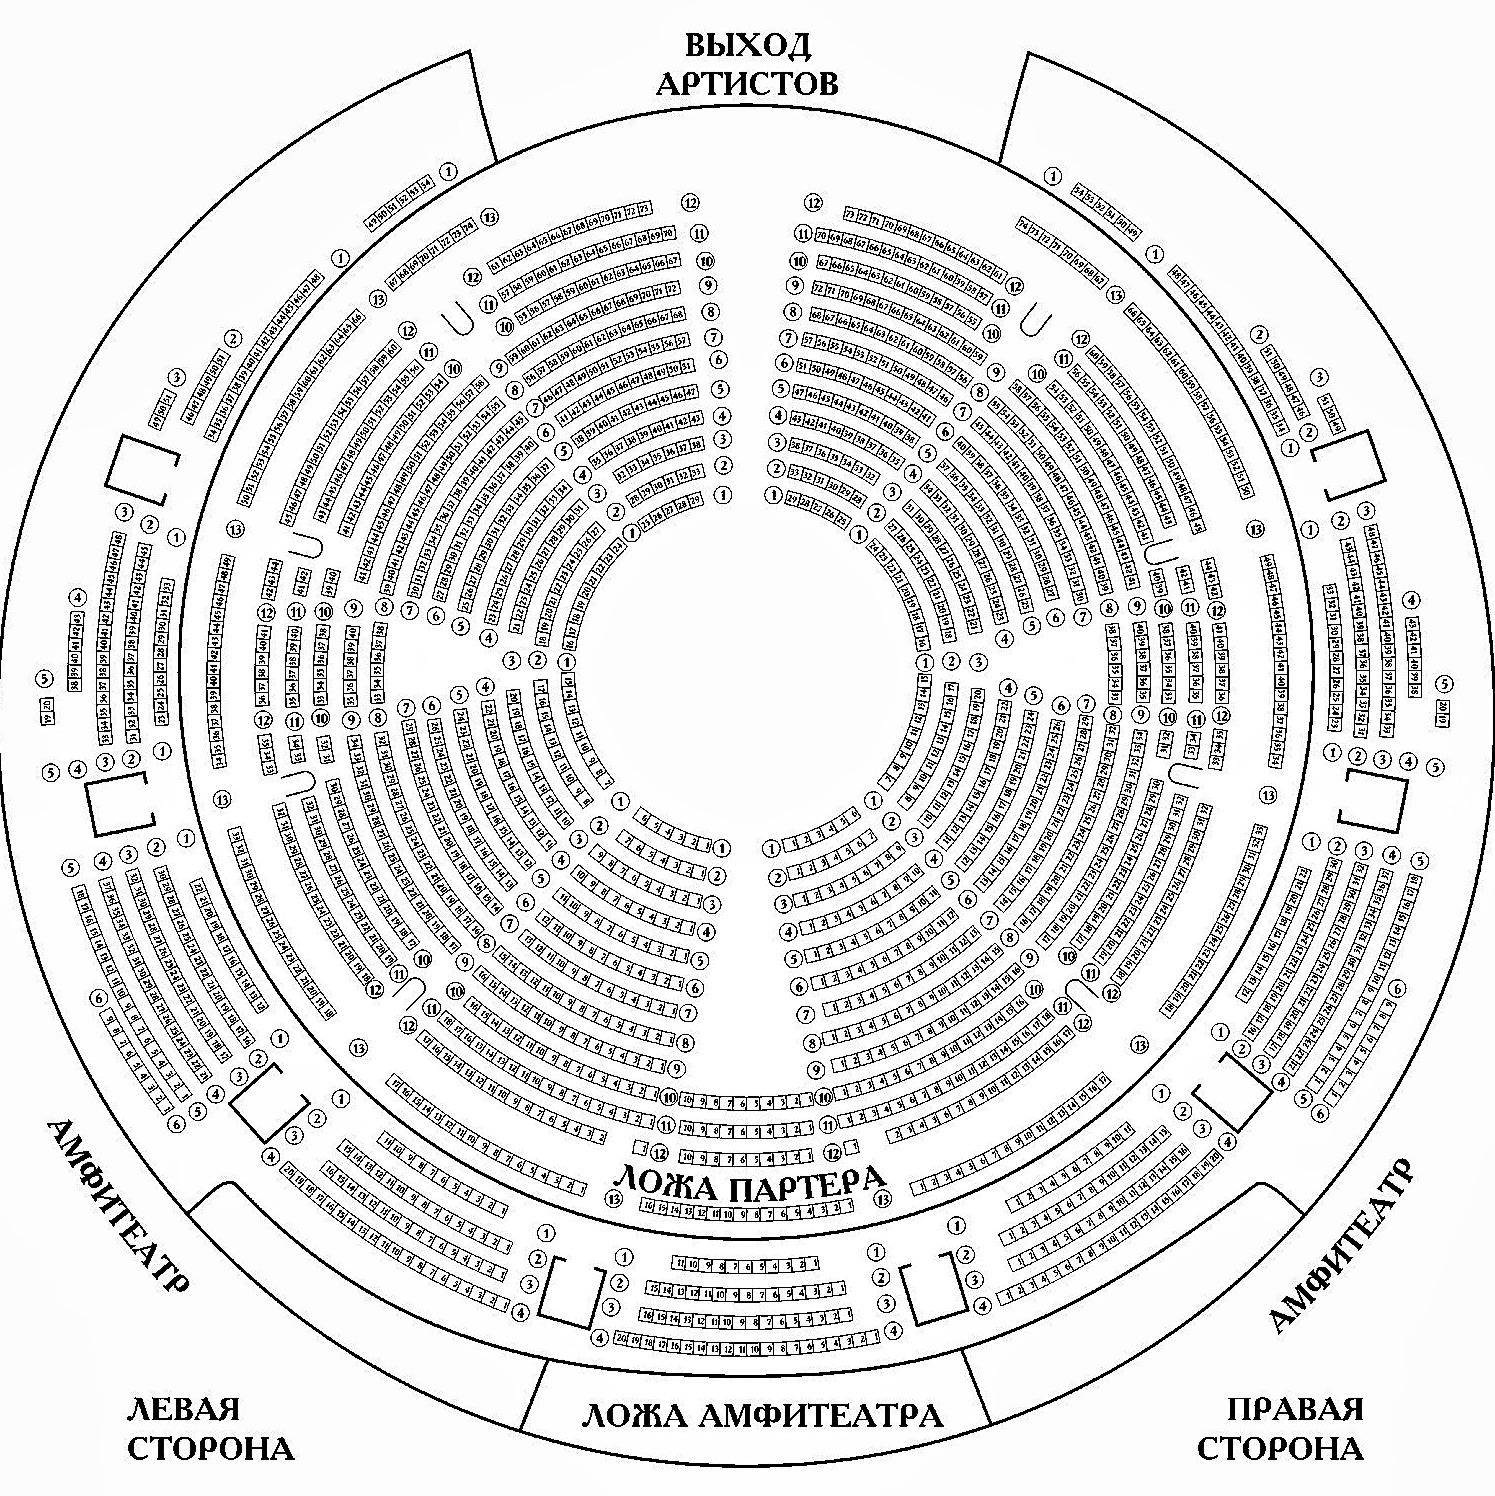 Схема зала Московский цирк Юрия Никулина на Цветном бульваре